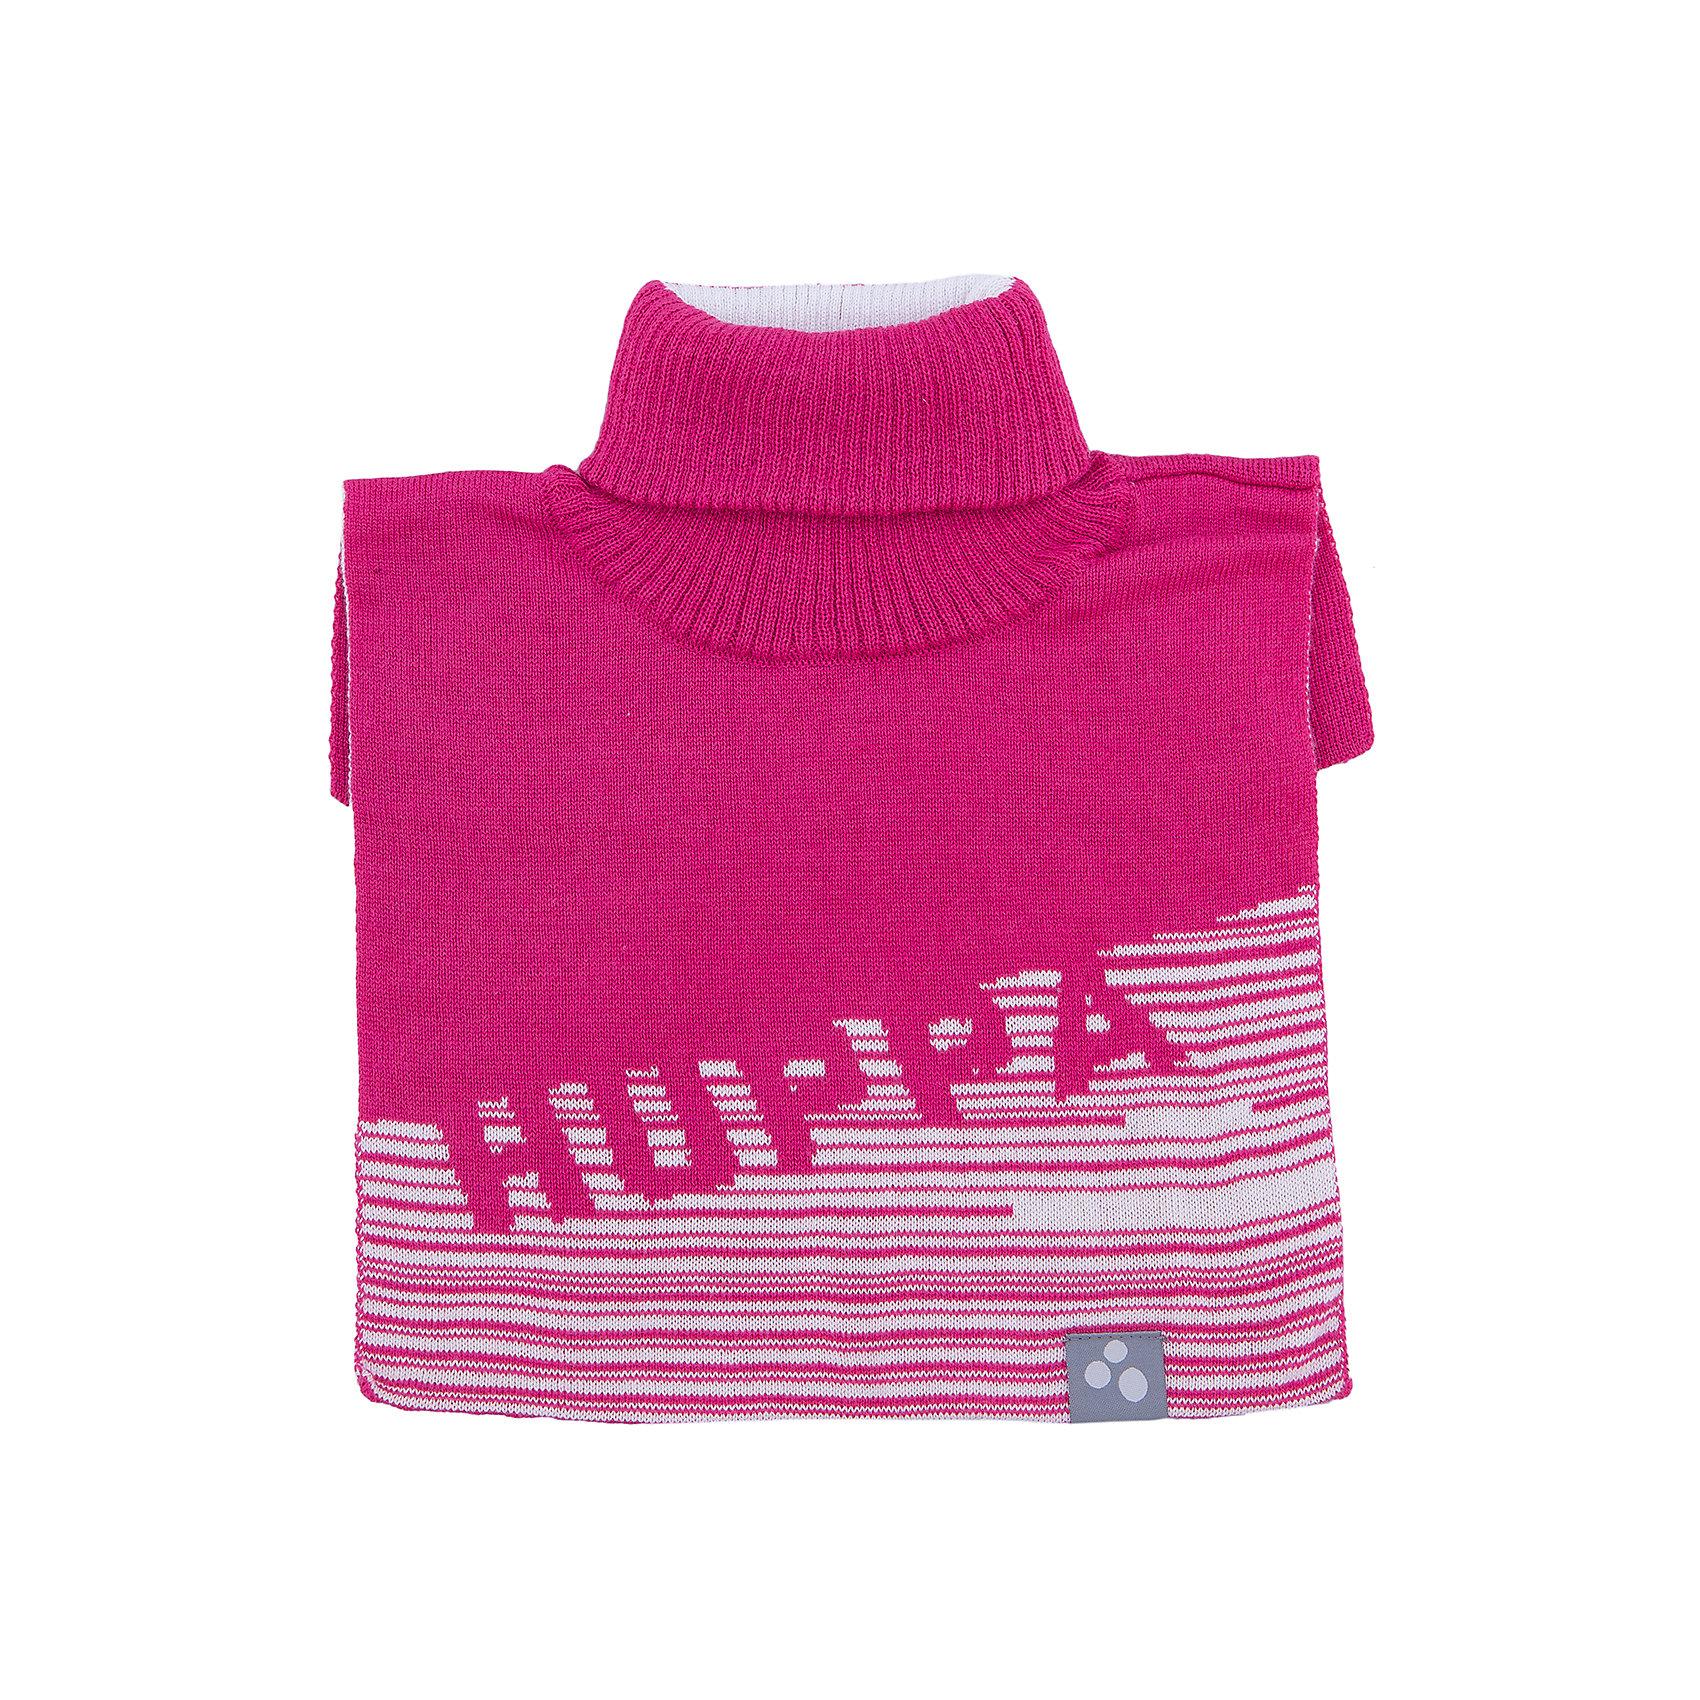 Манишка HuppaШарфы, платки<br>Манишка GINA Huppa(Хуппа) изготовлена из шерсти мериноса и акрила, обеспечивающего тепло. Этот шарф прекрасно защитит шею ребенка от ветра и мороза. Украшен рисунком HUPPA и отлично подойдет к гардеробу ребенка.<br><br>Дополнительная информация:<br>Материал: 50% шерсть мериноса, 50% акрил<br>Подкладка: хлопок<br>Цвет: фуксия/белый<br>Вы можете приобрести шарф-воротник GINA Huppa(Хуппа) в нашем интернет-магазине.<br><br>Ширина мм: 88<br>Глубина мм: 155<br>Высота мм: 26<br>Вес г: 106<br>Цвет: розовый<br>Возраст от месяцев: 12<br>Возраст до месяцев: 24<br>Пол: Женский<br>Возраст: Детский<br>Размер: 47-49,55-57<br>SKU: 4923937